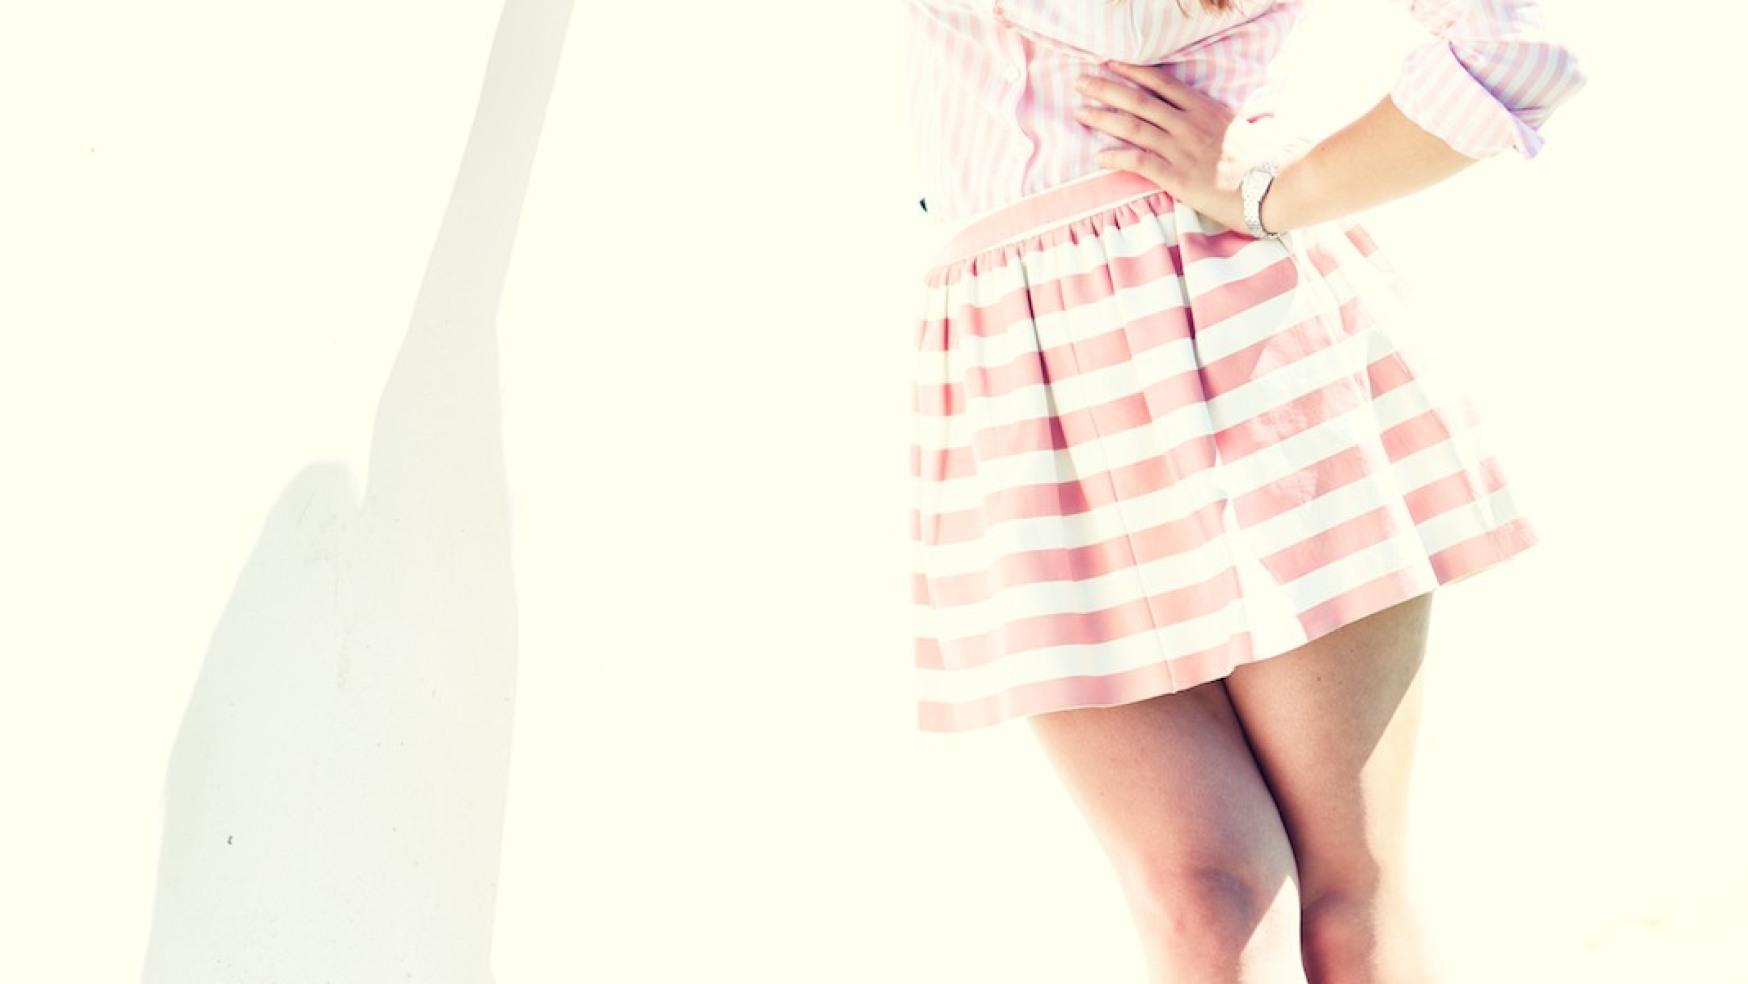 Pink stripessss